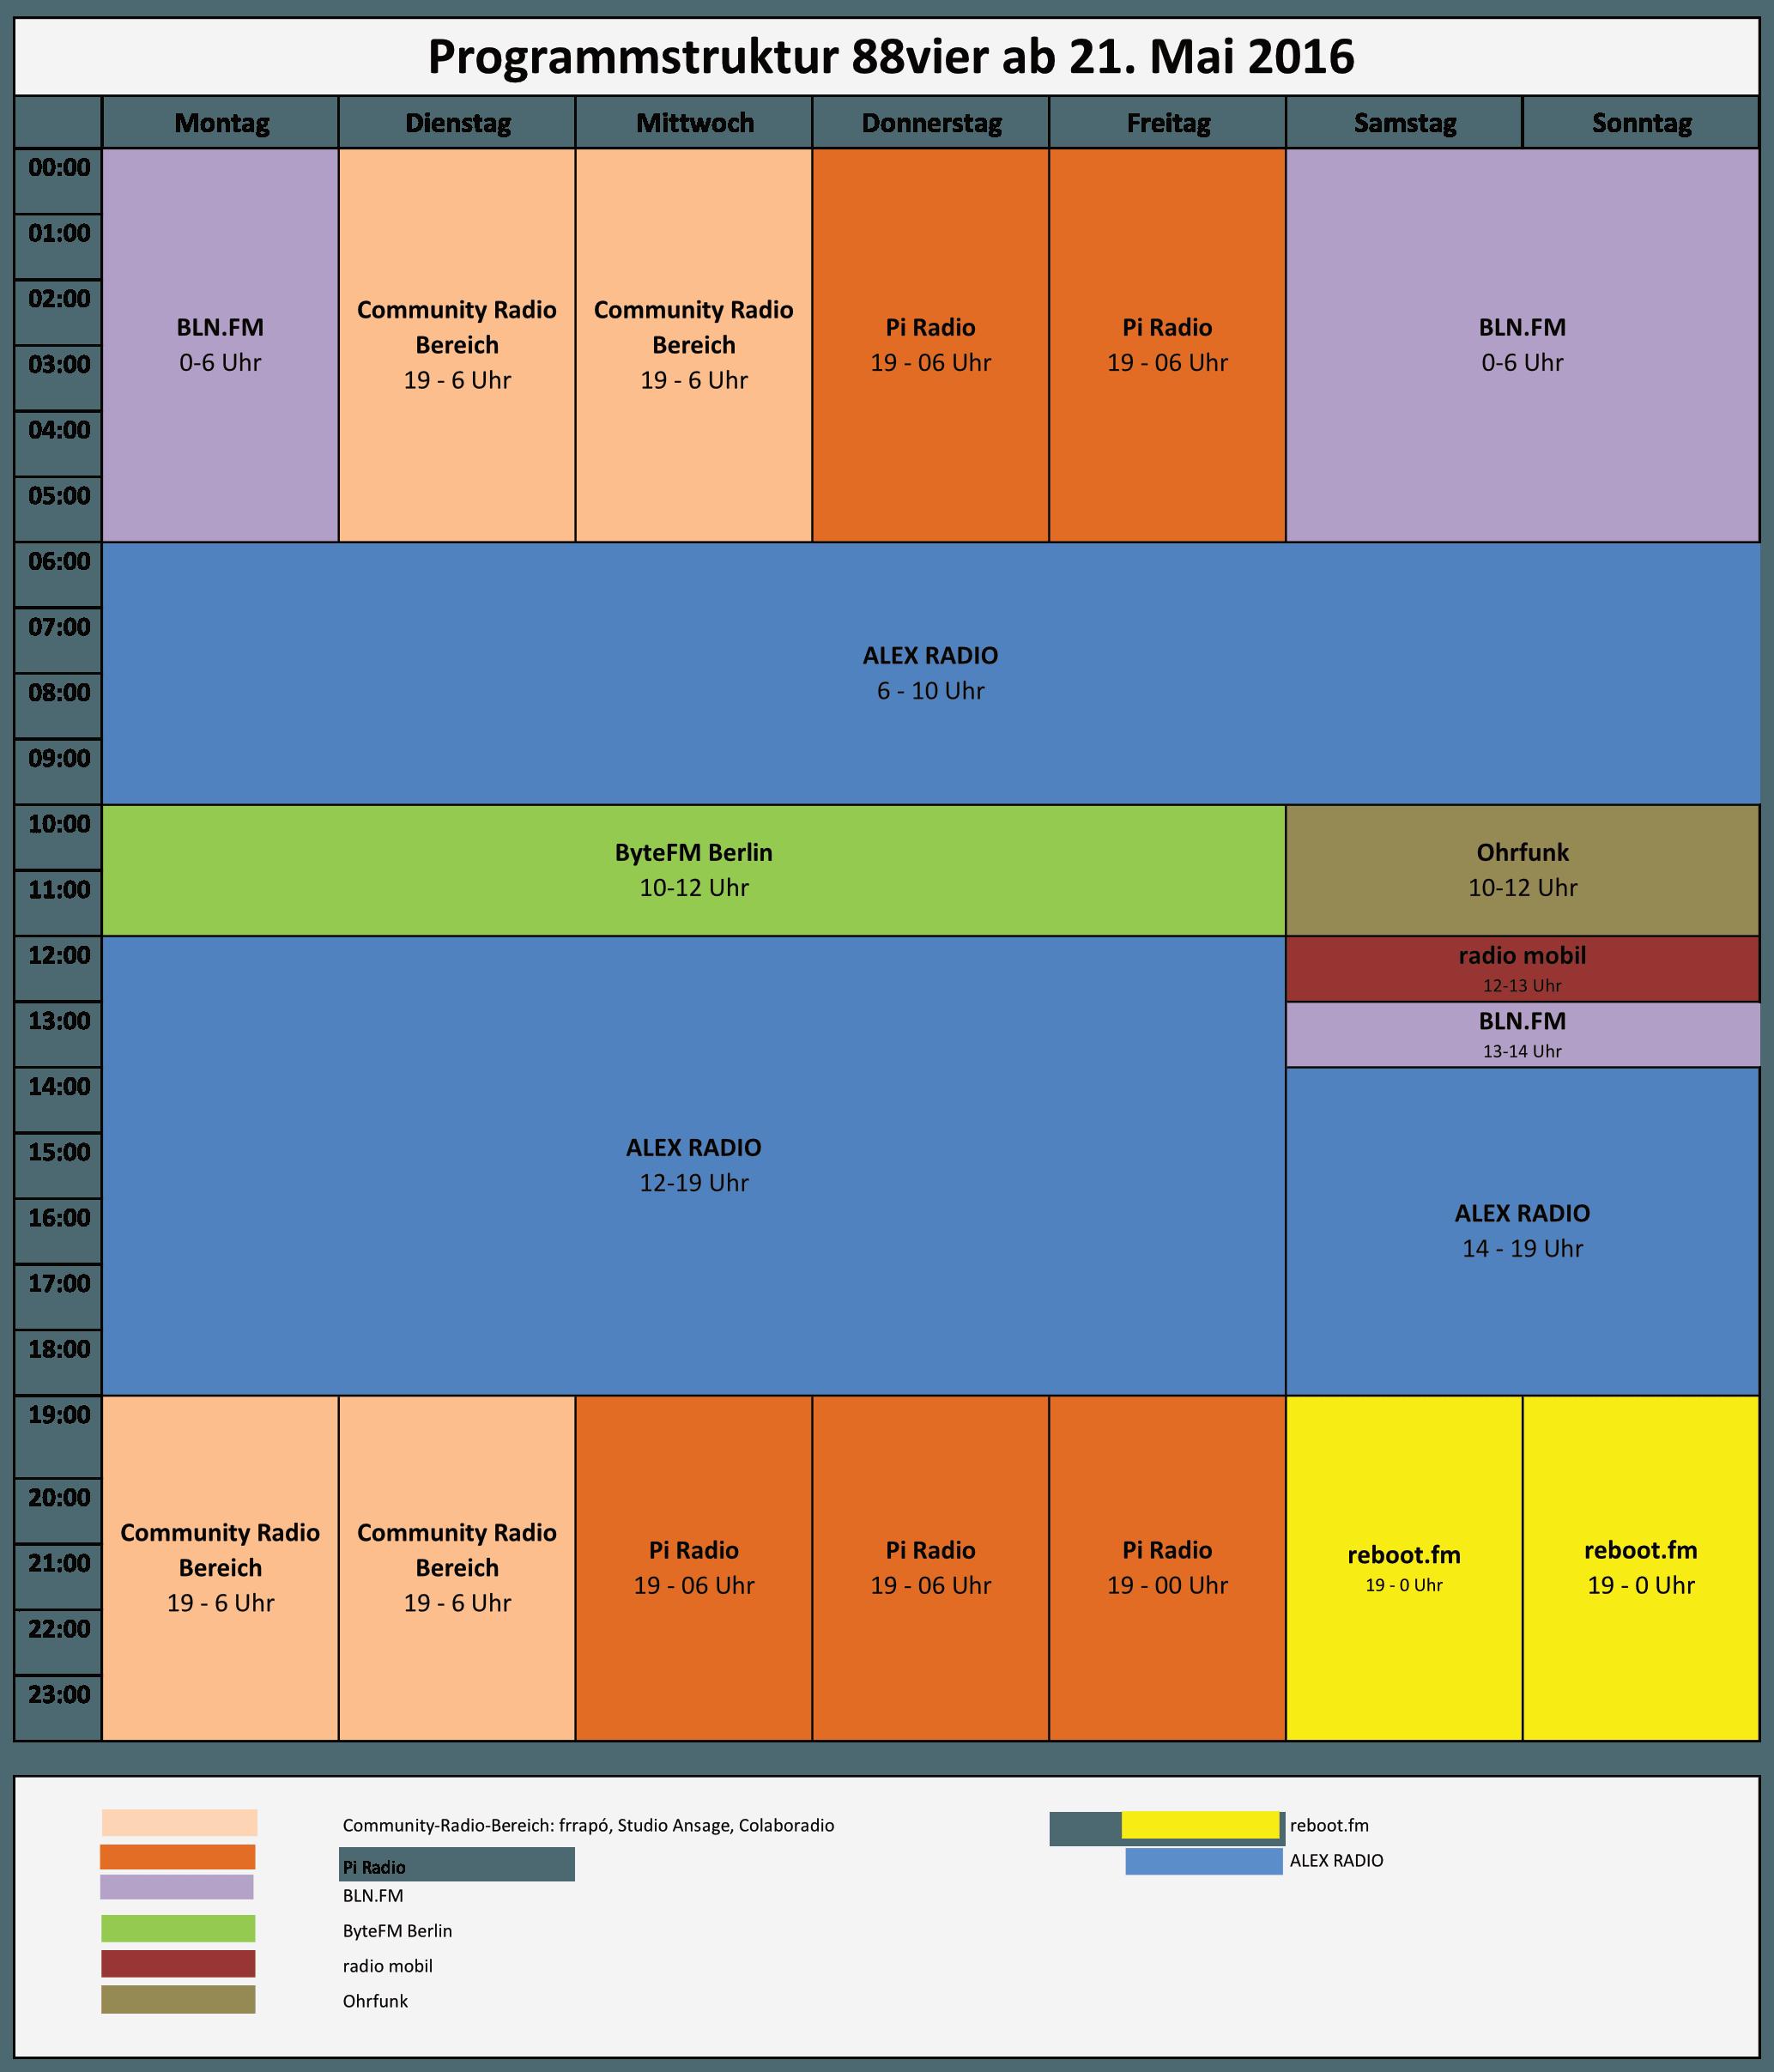 88vier-Sendezeiten-2016-2018-min